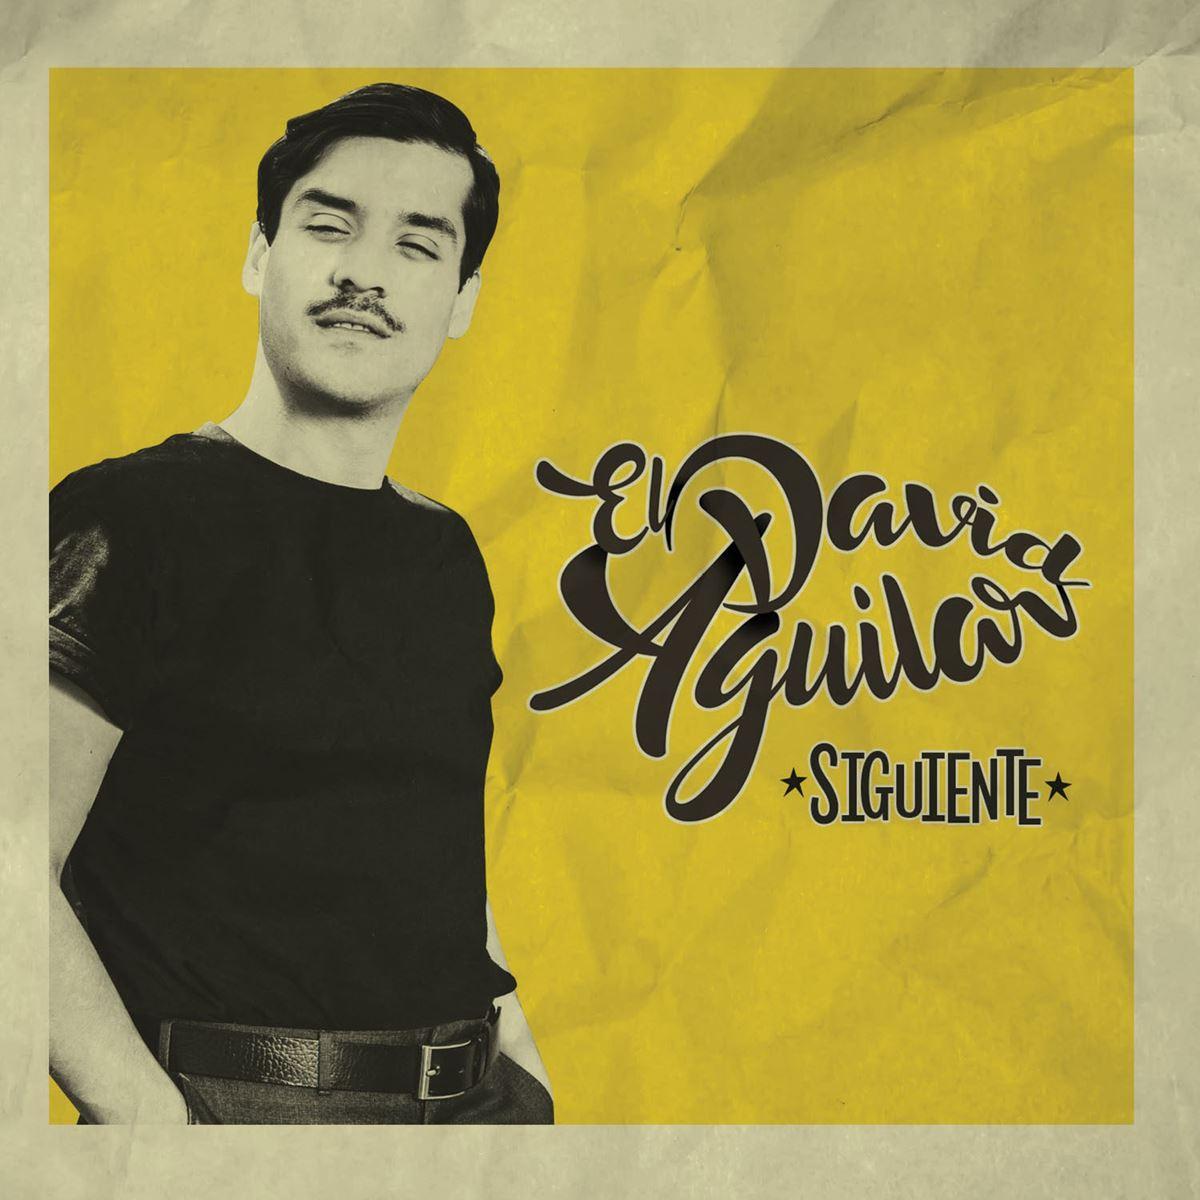 El David Aguilar- Siguiente